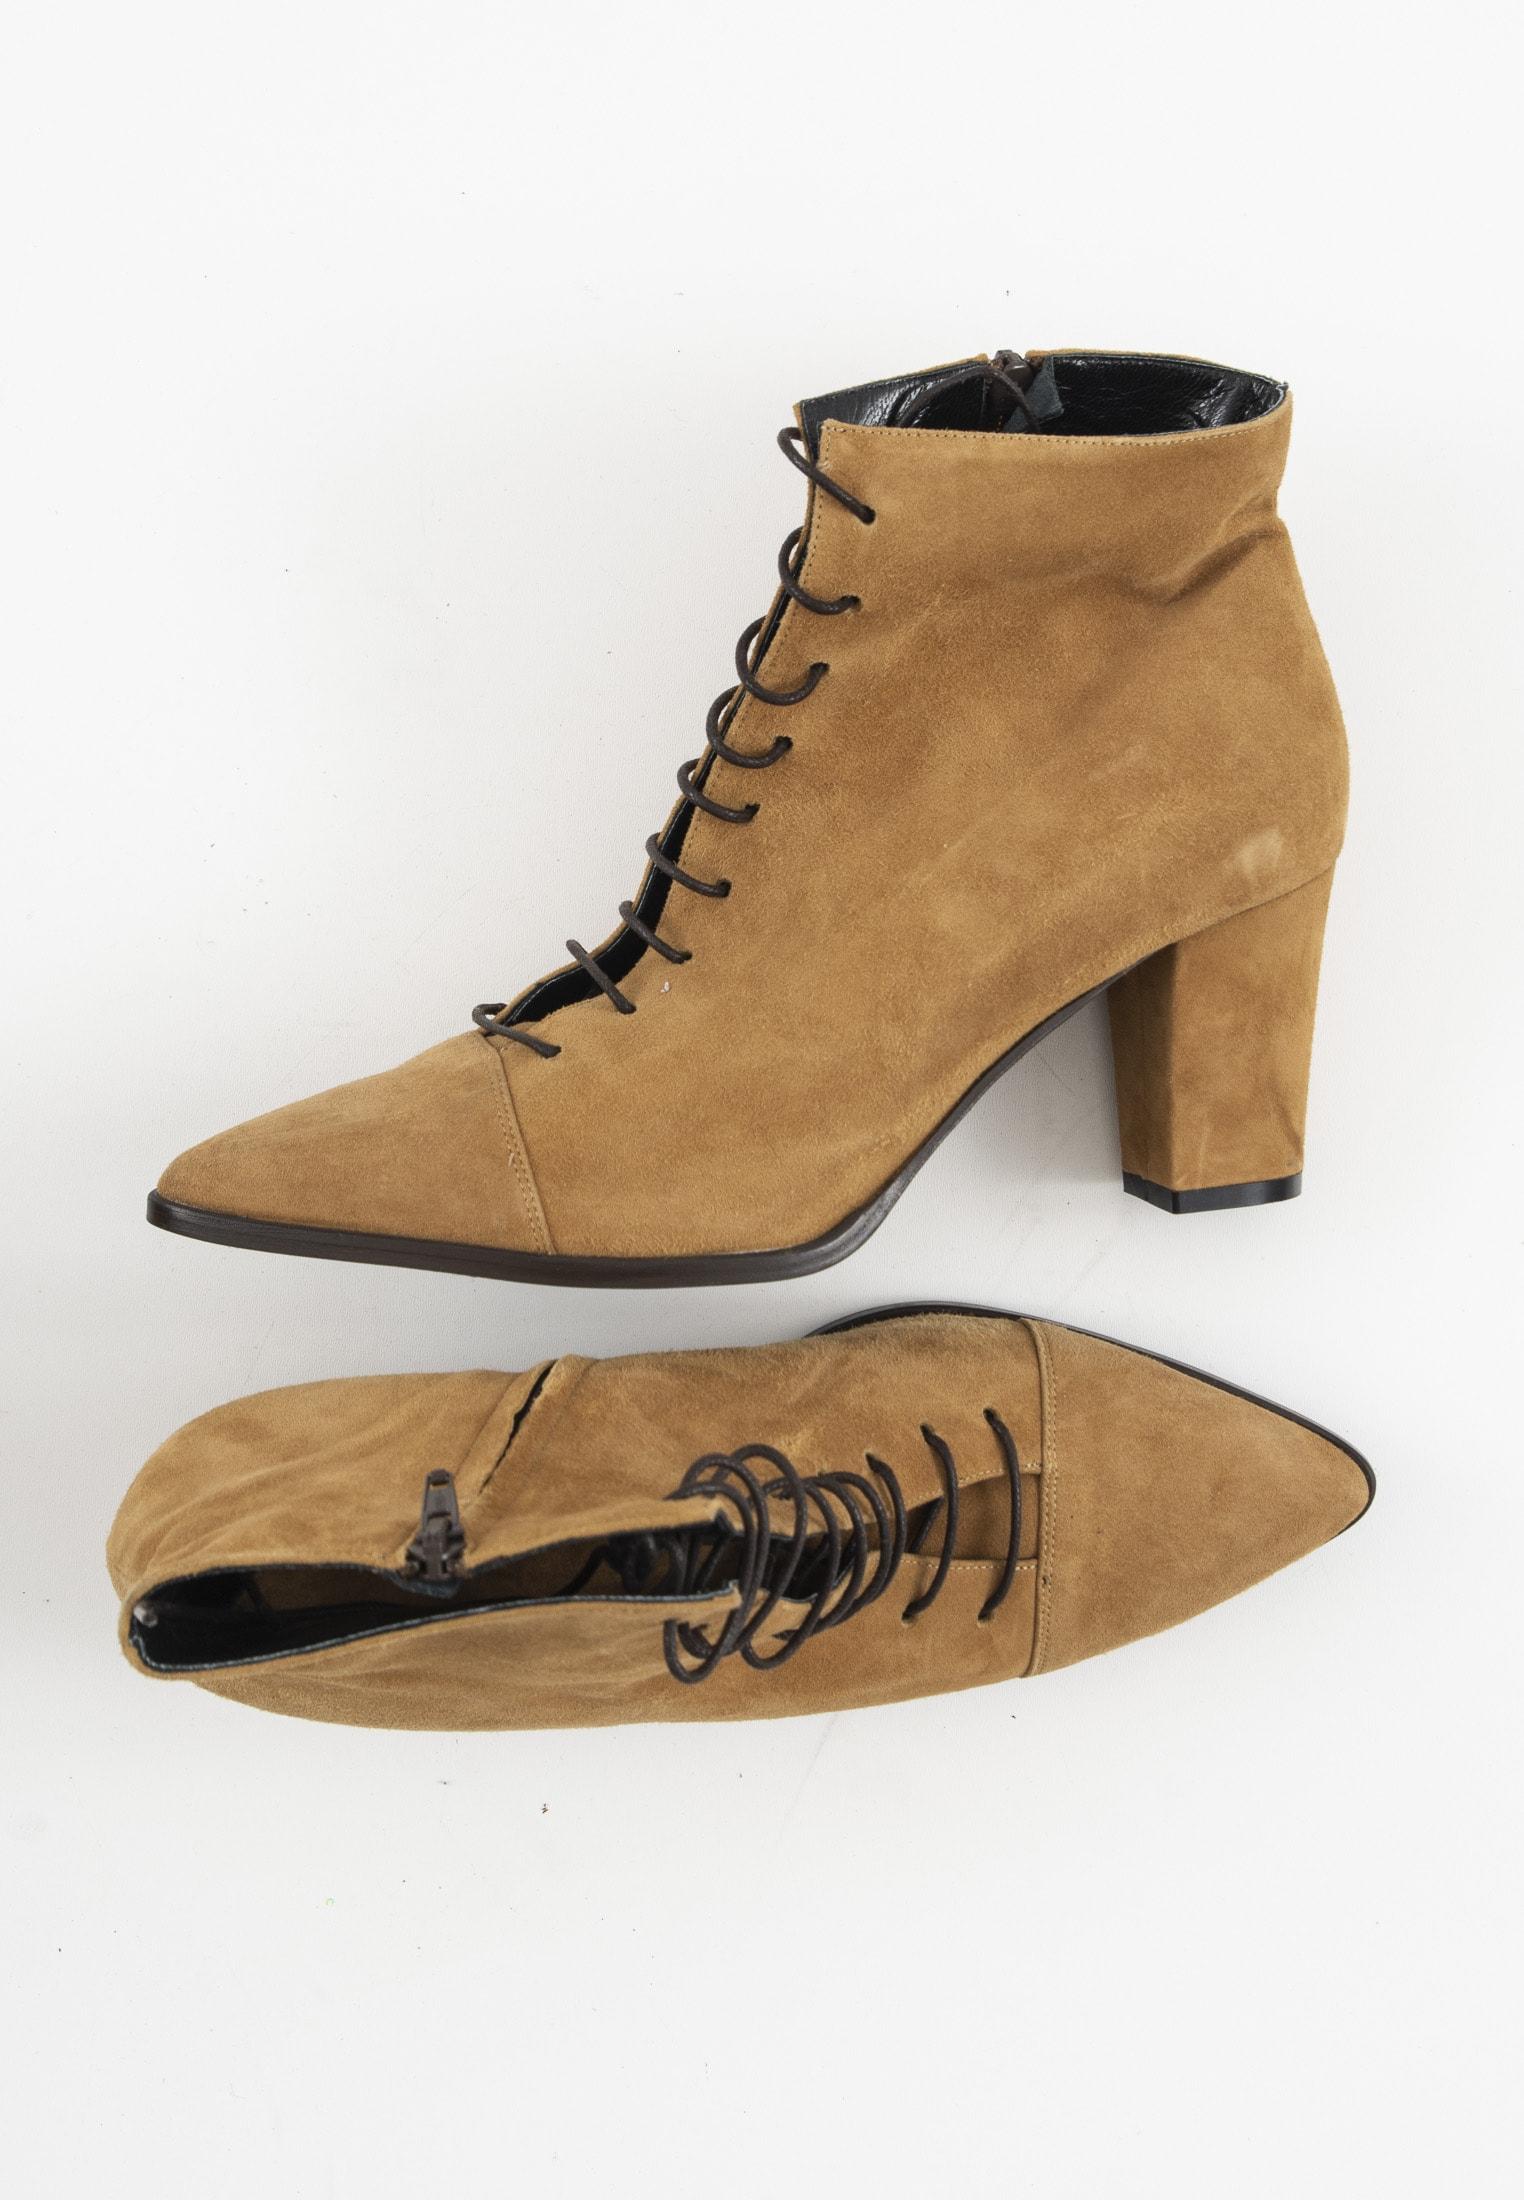 Alberto Zago Stiefel / Stiefelette / Boots Braun Gr.39.5